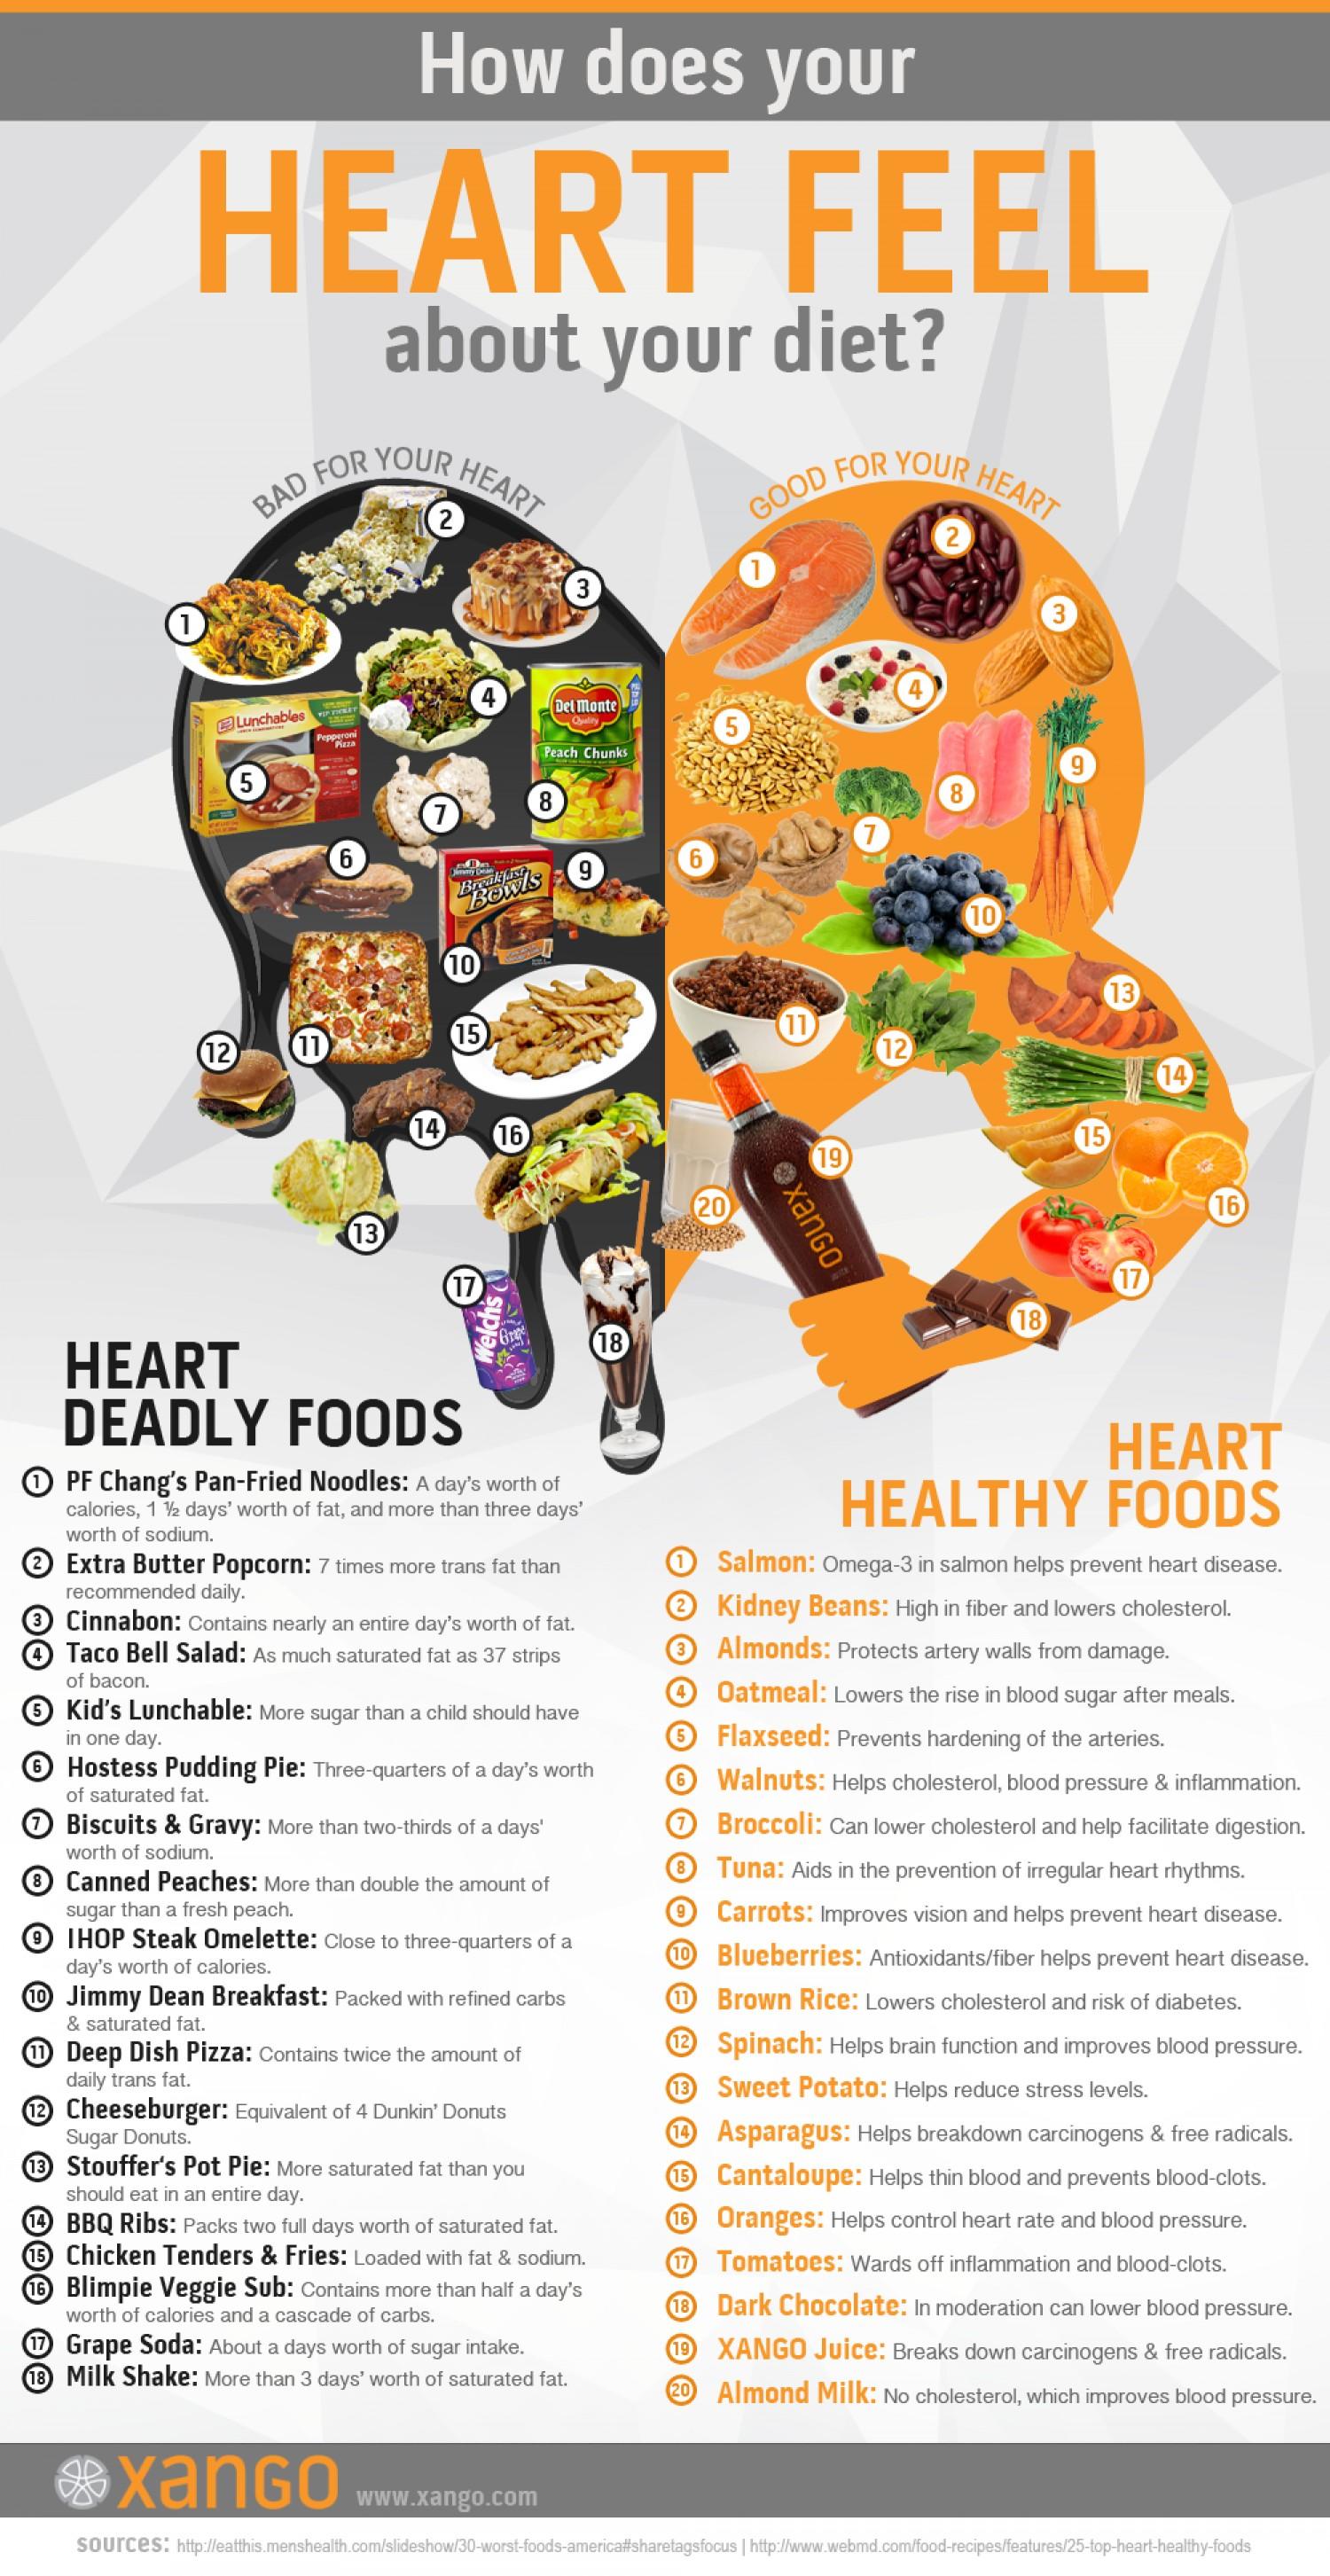 Infographic Hoe voelt jouw hart over jouw dieet